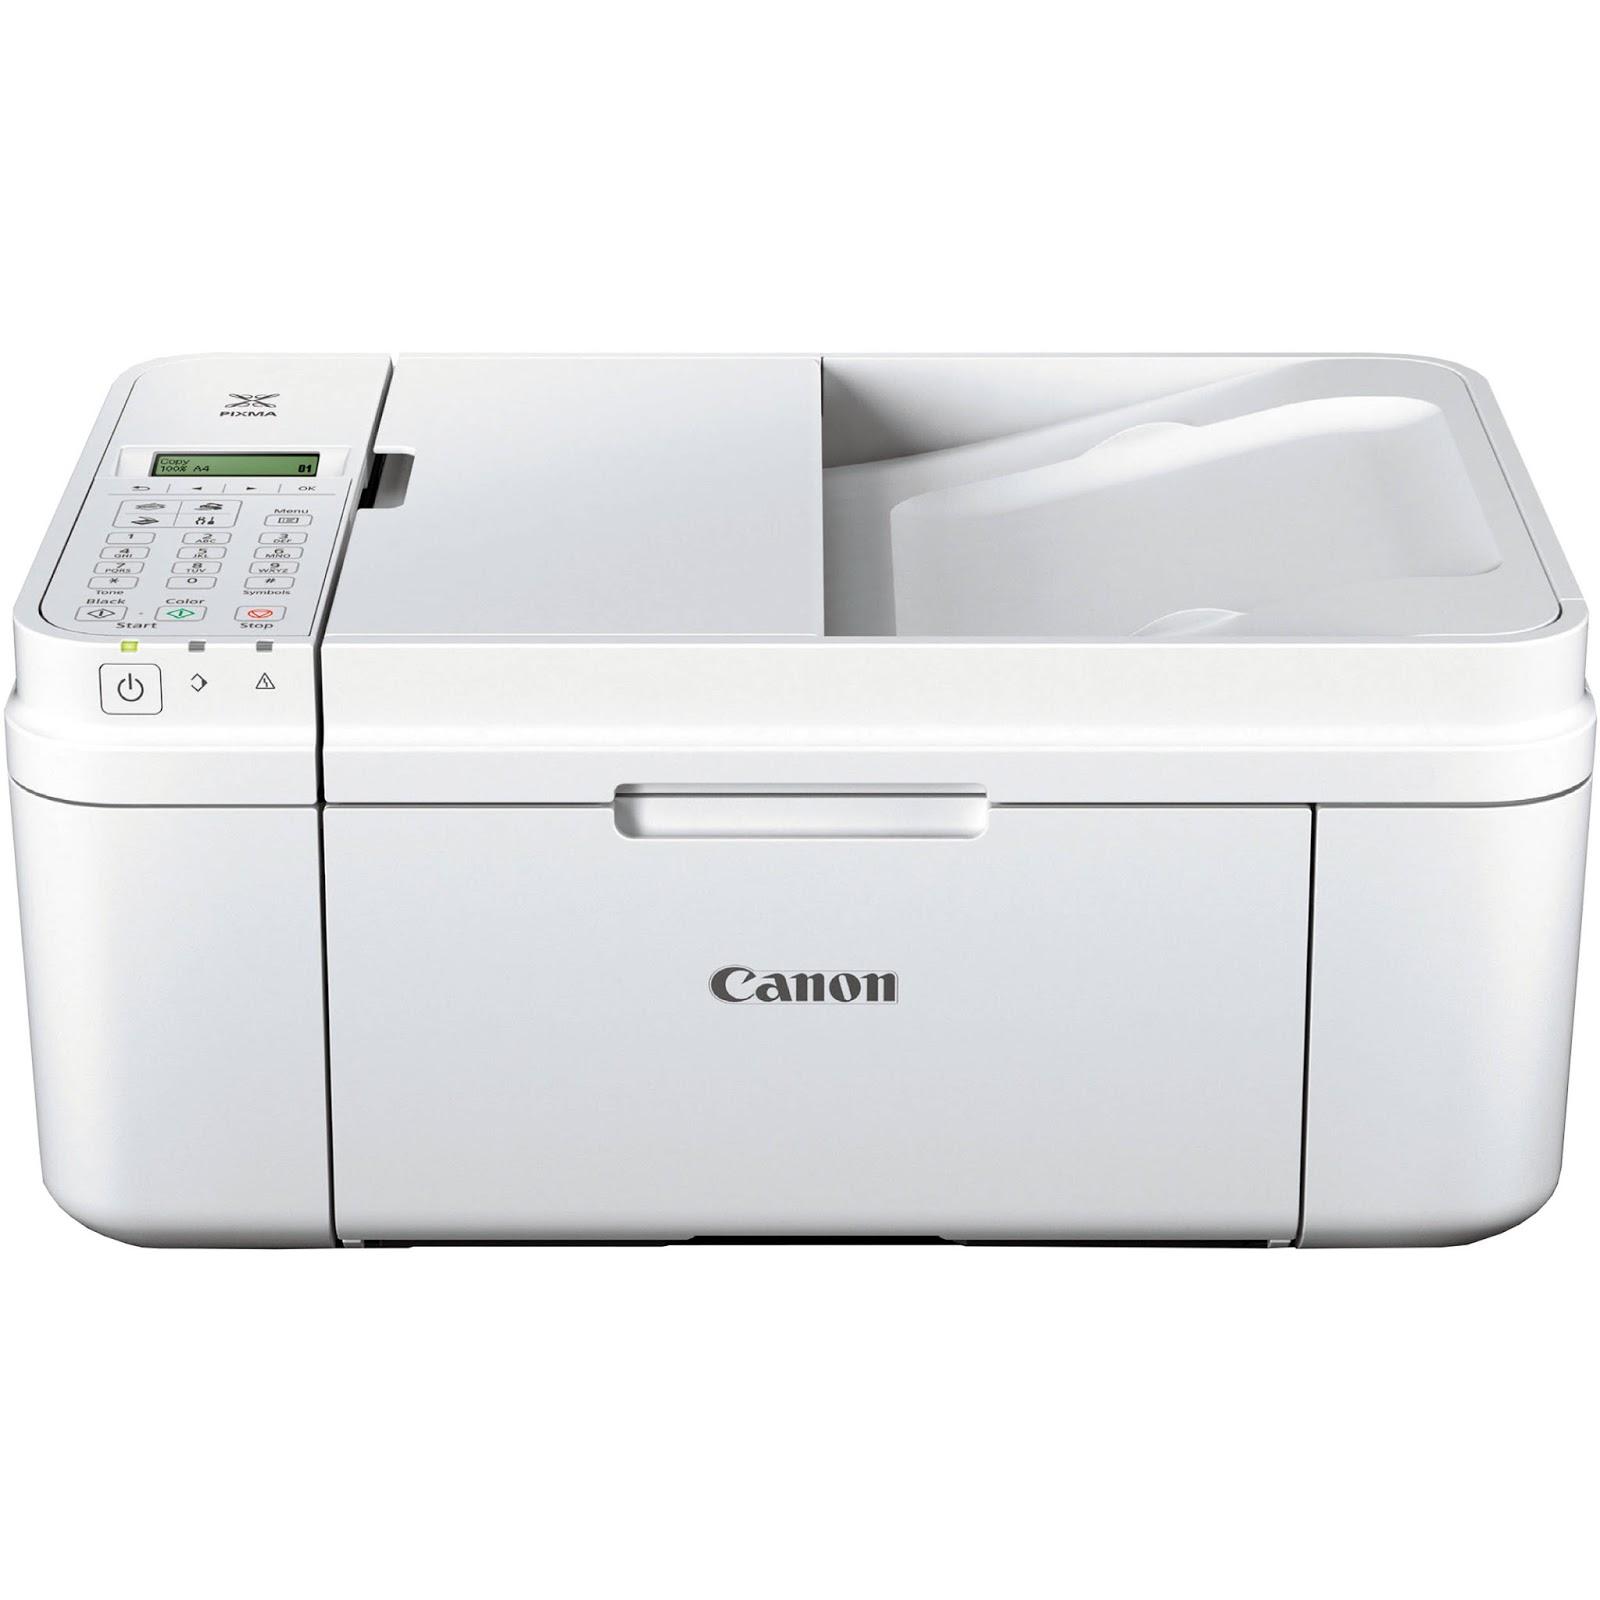 Canon Printer Mx492 Driver